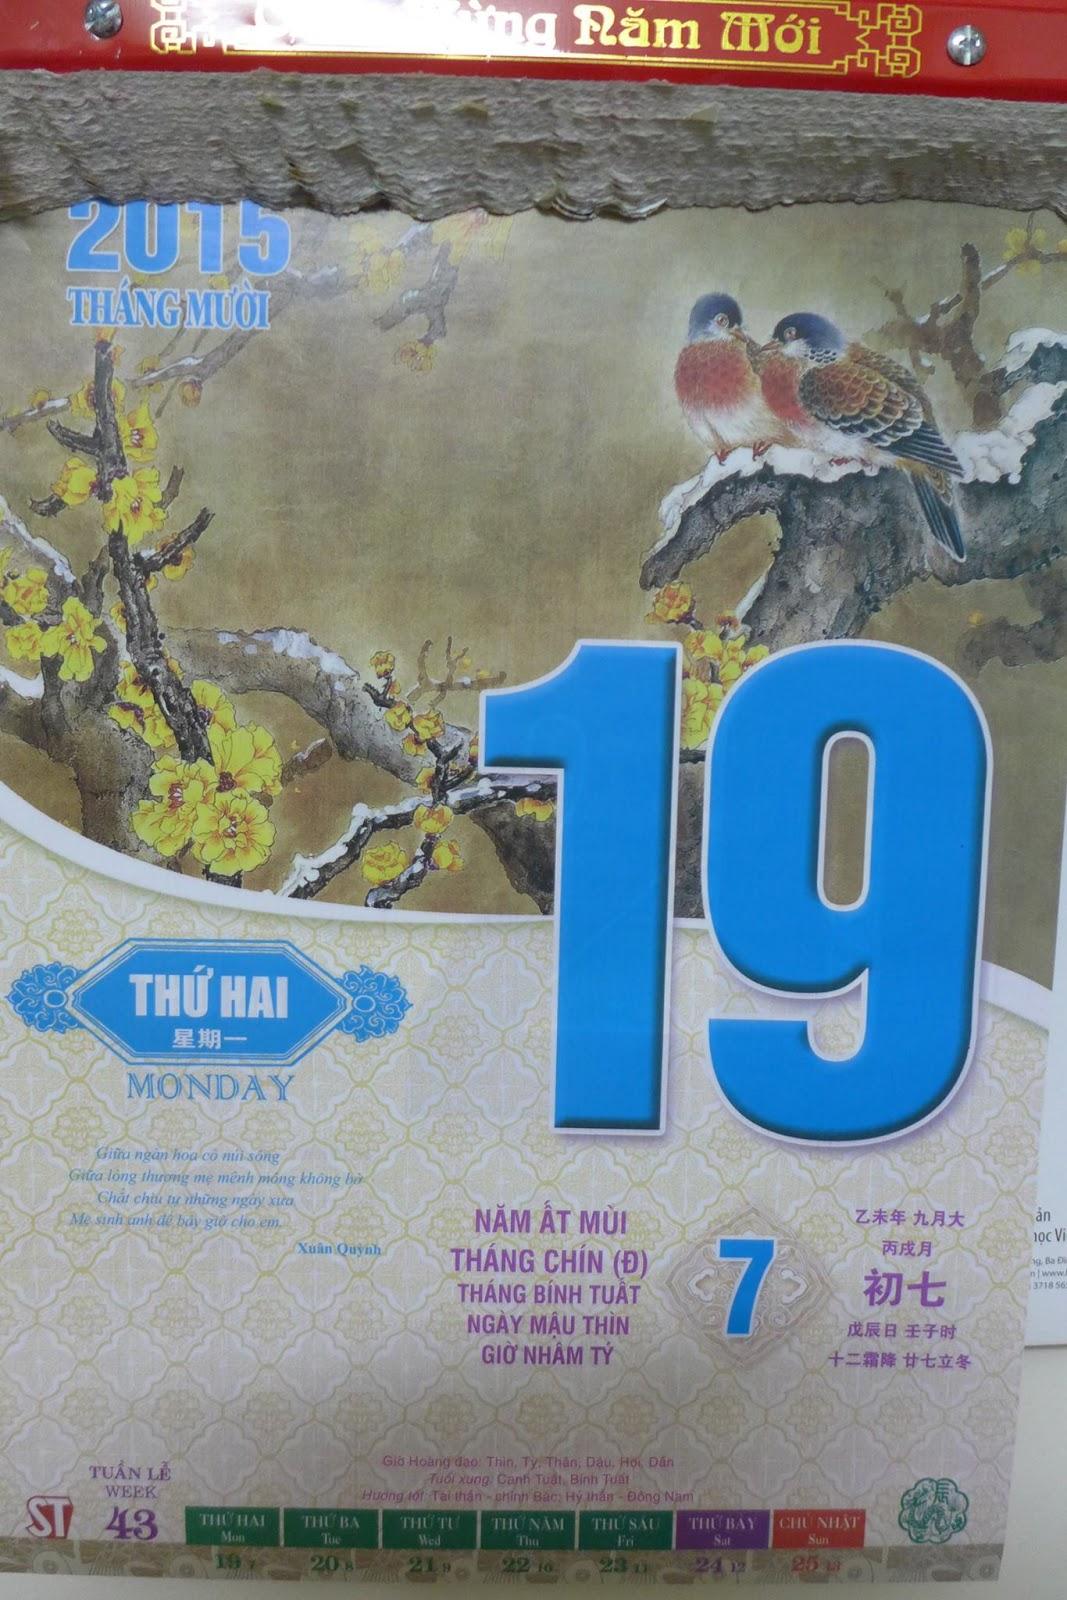 Trong Bảo tàng Nguyễn Văn Huyên có trưng bày một tờ lịch 19/10/1985 được bà  Vi Kim Ngọc dán trong cuốn Nhật ký của mình bên cạnh những tâm sự của bà ...